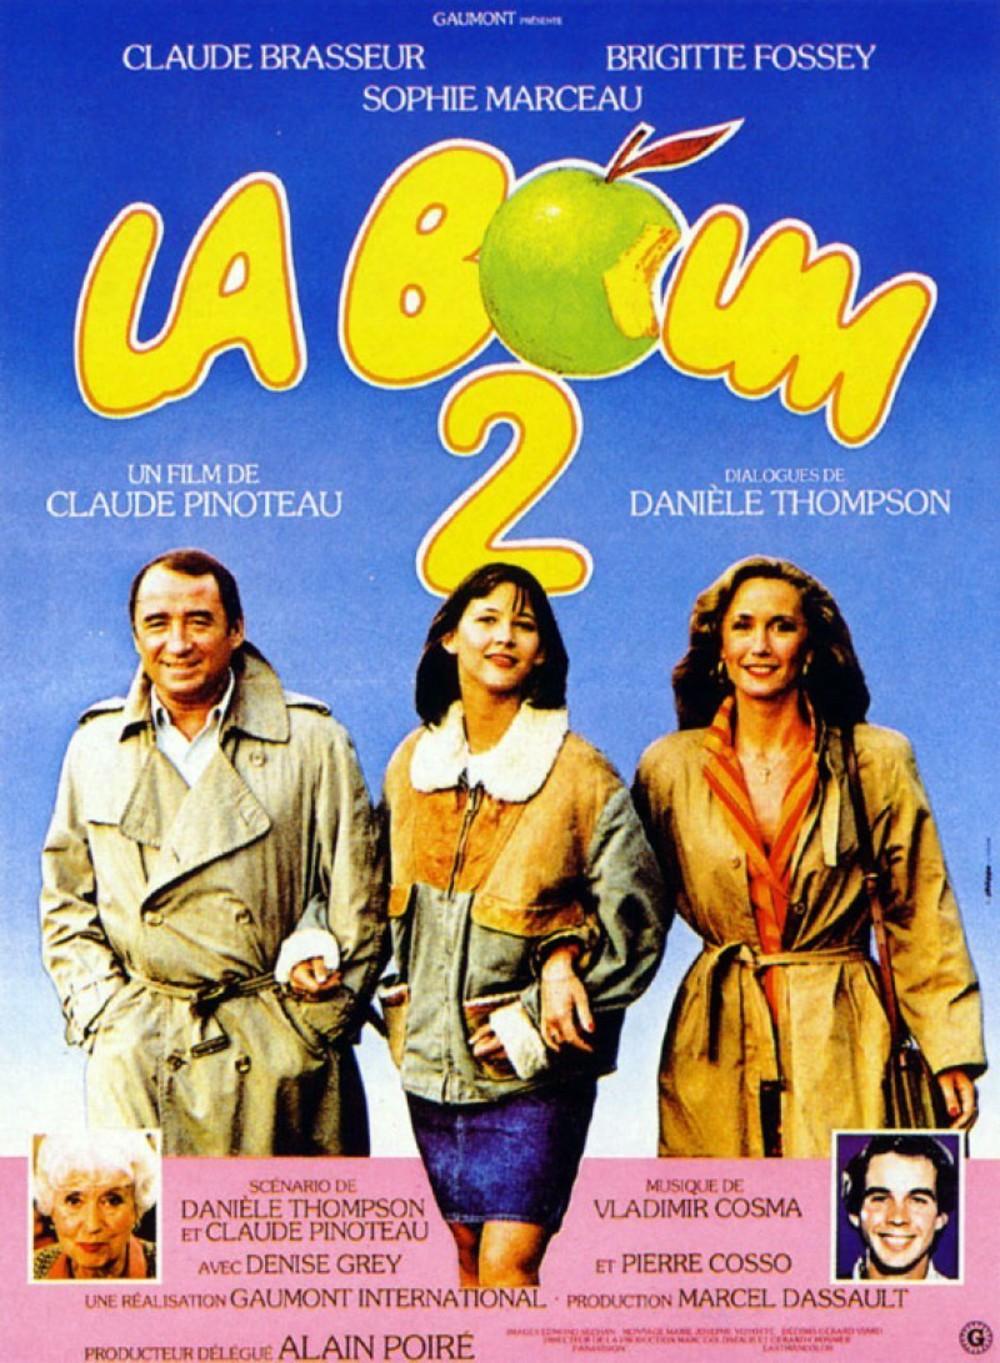 affiche du film La boum 2